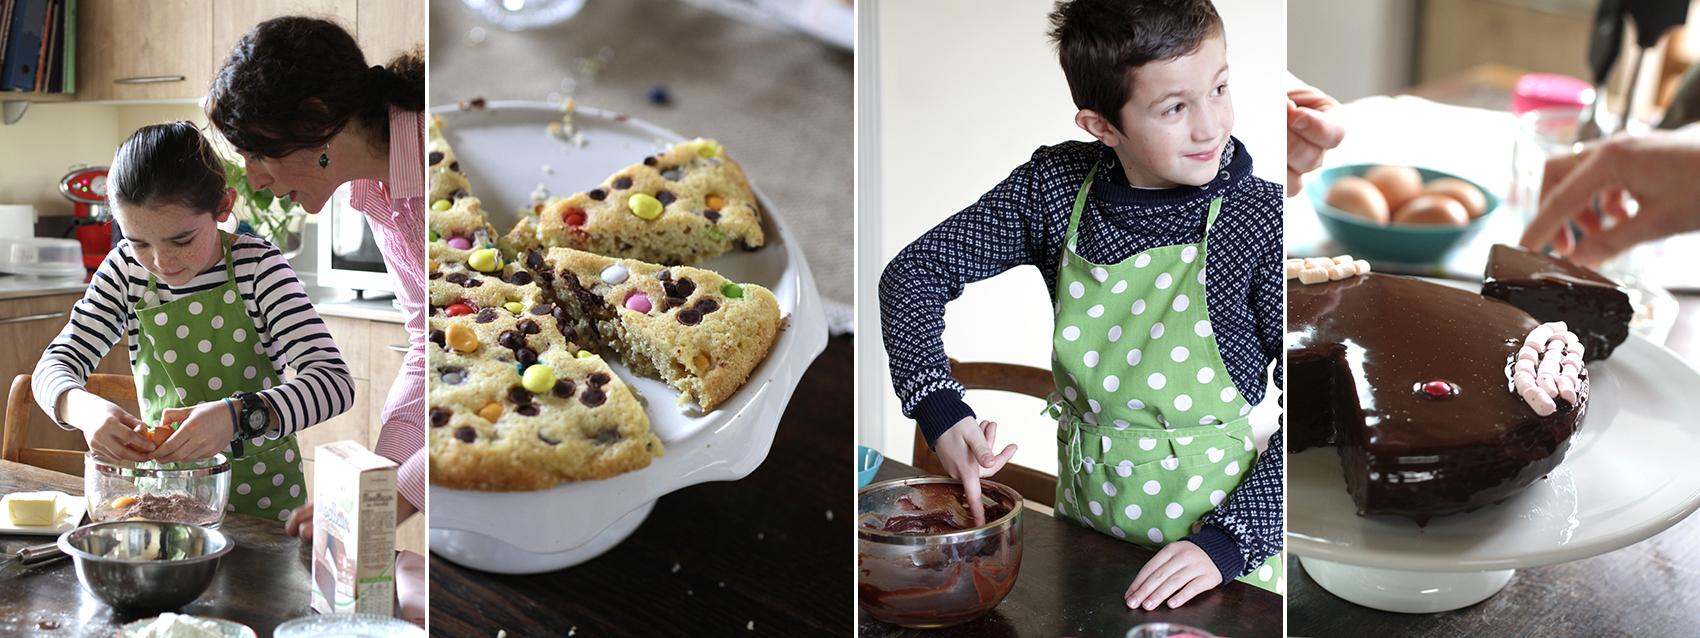 Préparations bio pour desserts LA PATELIERE muffins flan moelleux citron moelleux chocolat fondant chocolat cookies